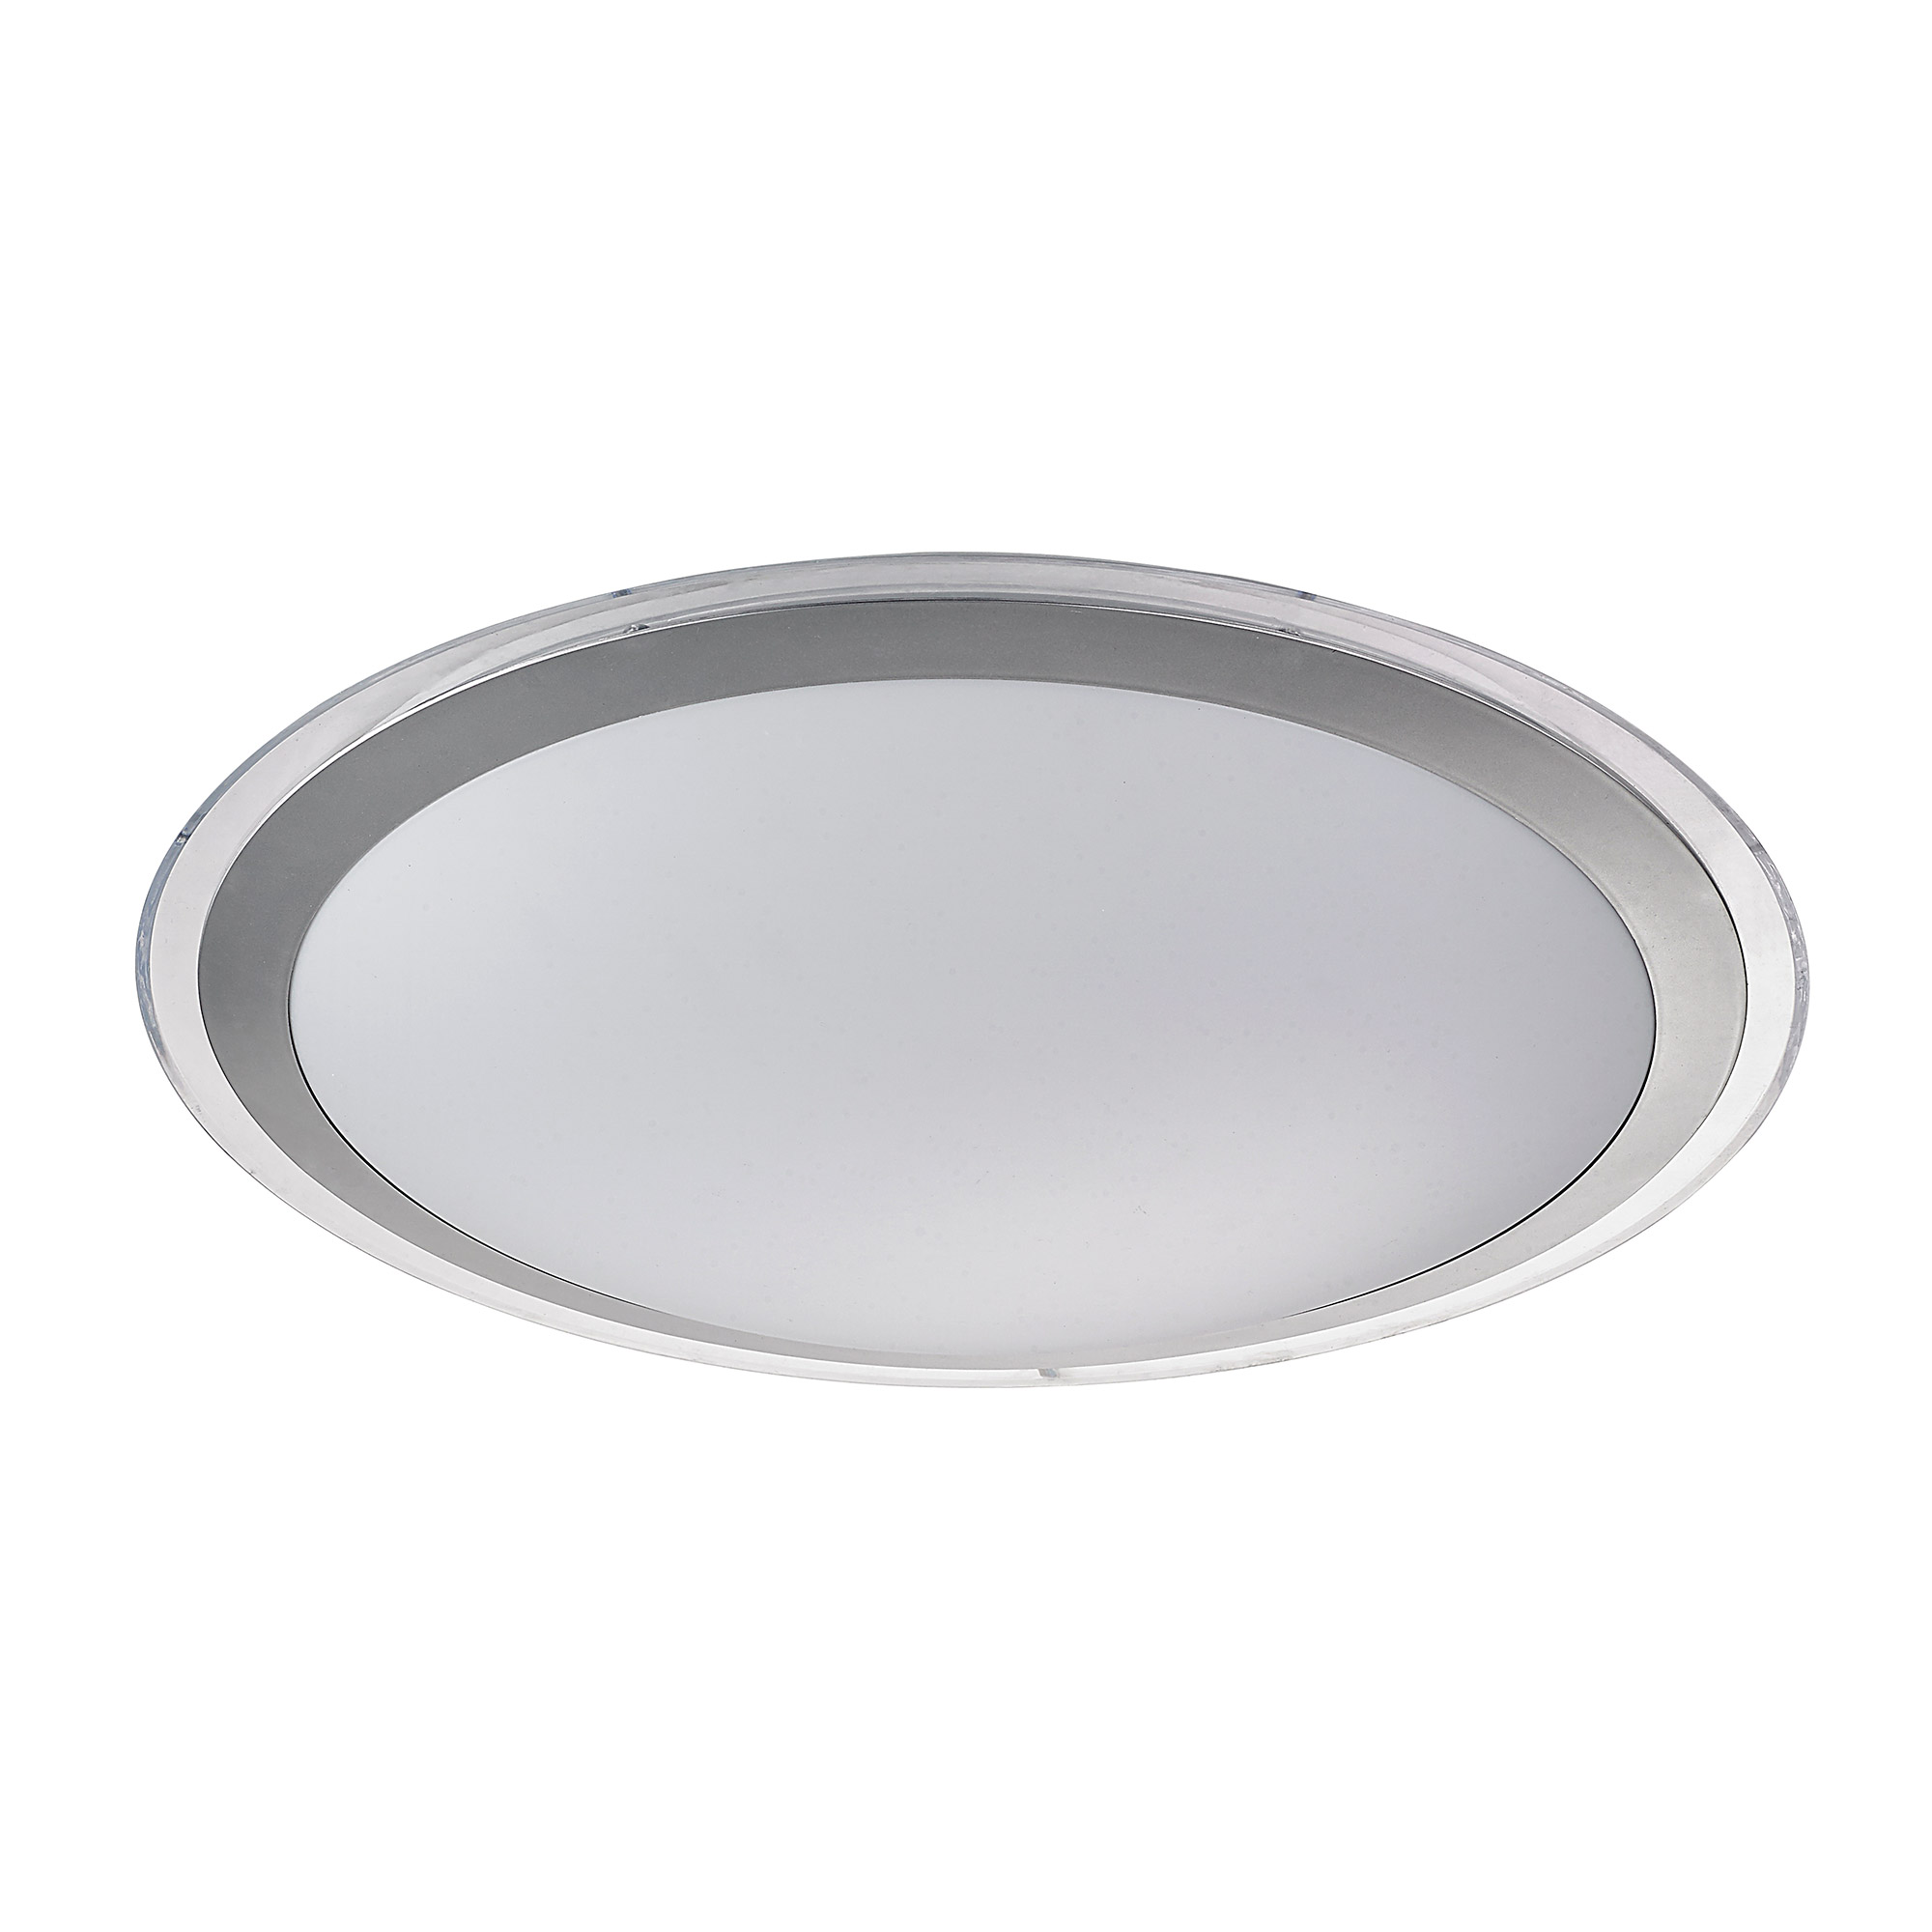 Купить со скидкой Светильник светодиодный ЭРА SPB-6 UFO 60 60Вт 3000-6500К 4800 Лм с пультом ДУ 533x98 мм